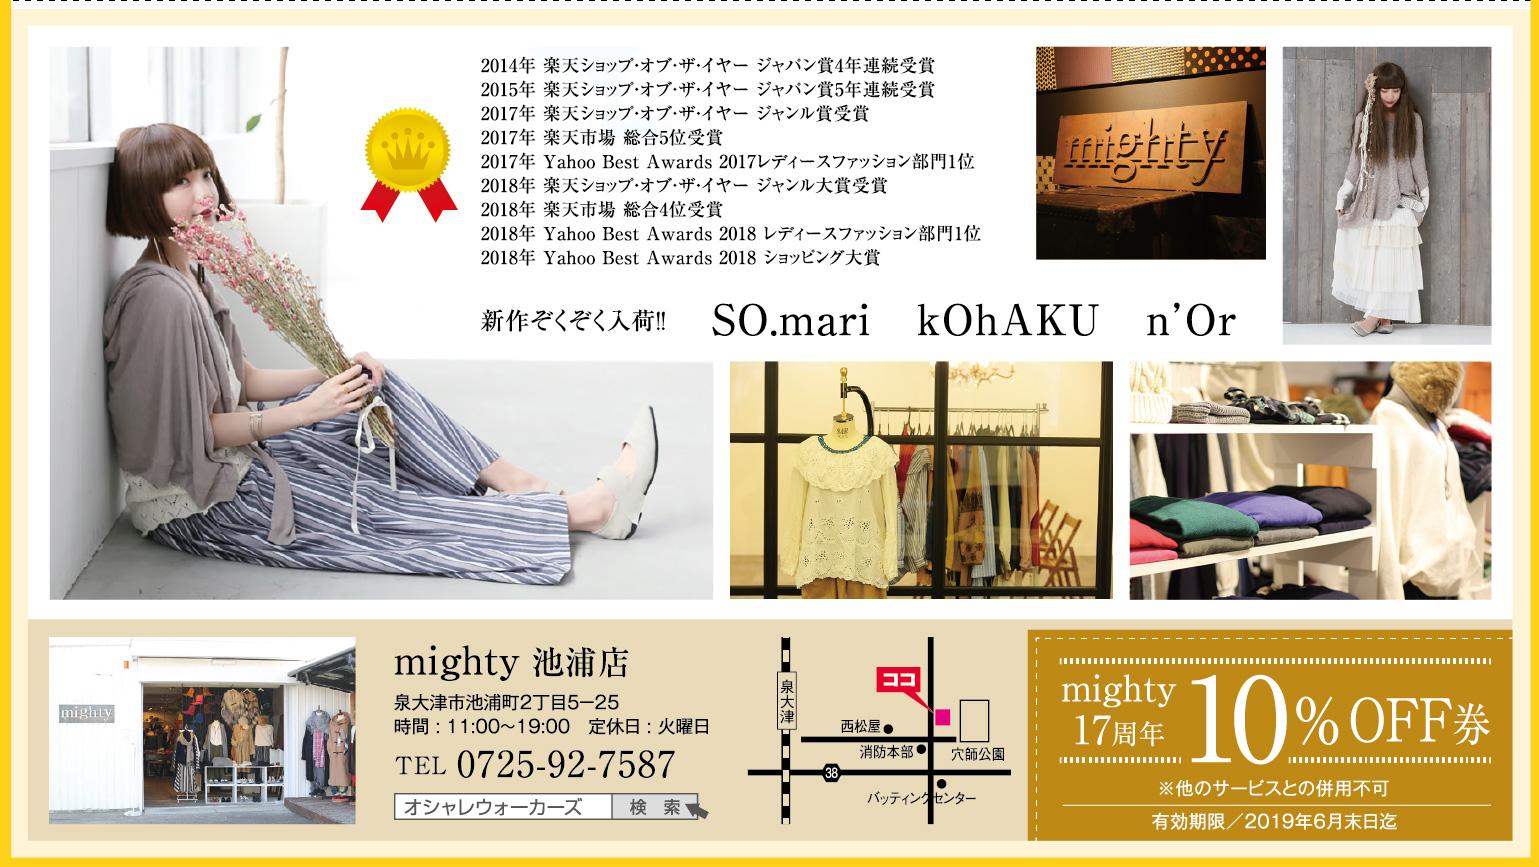 mighty(マイティ) 池浦店